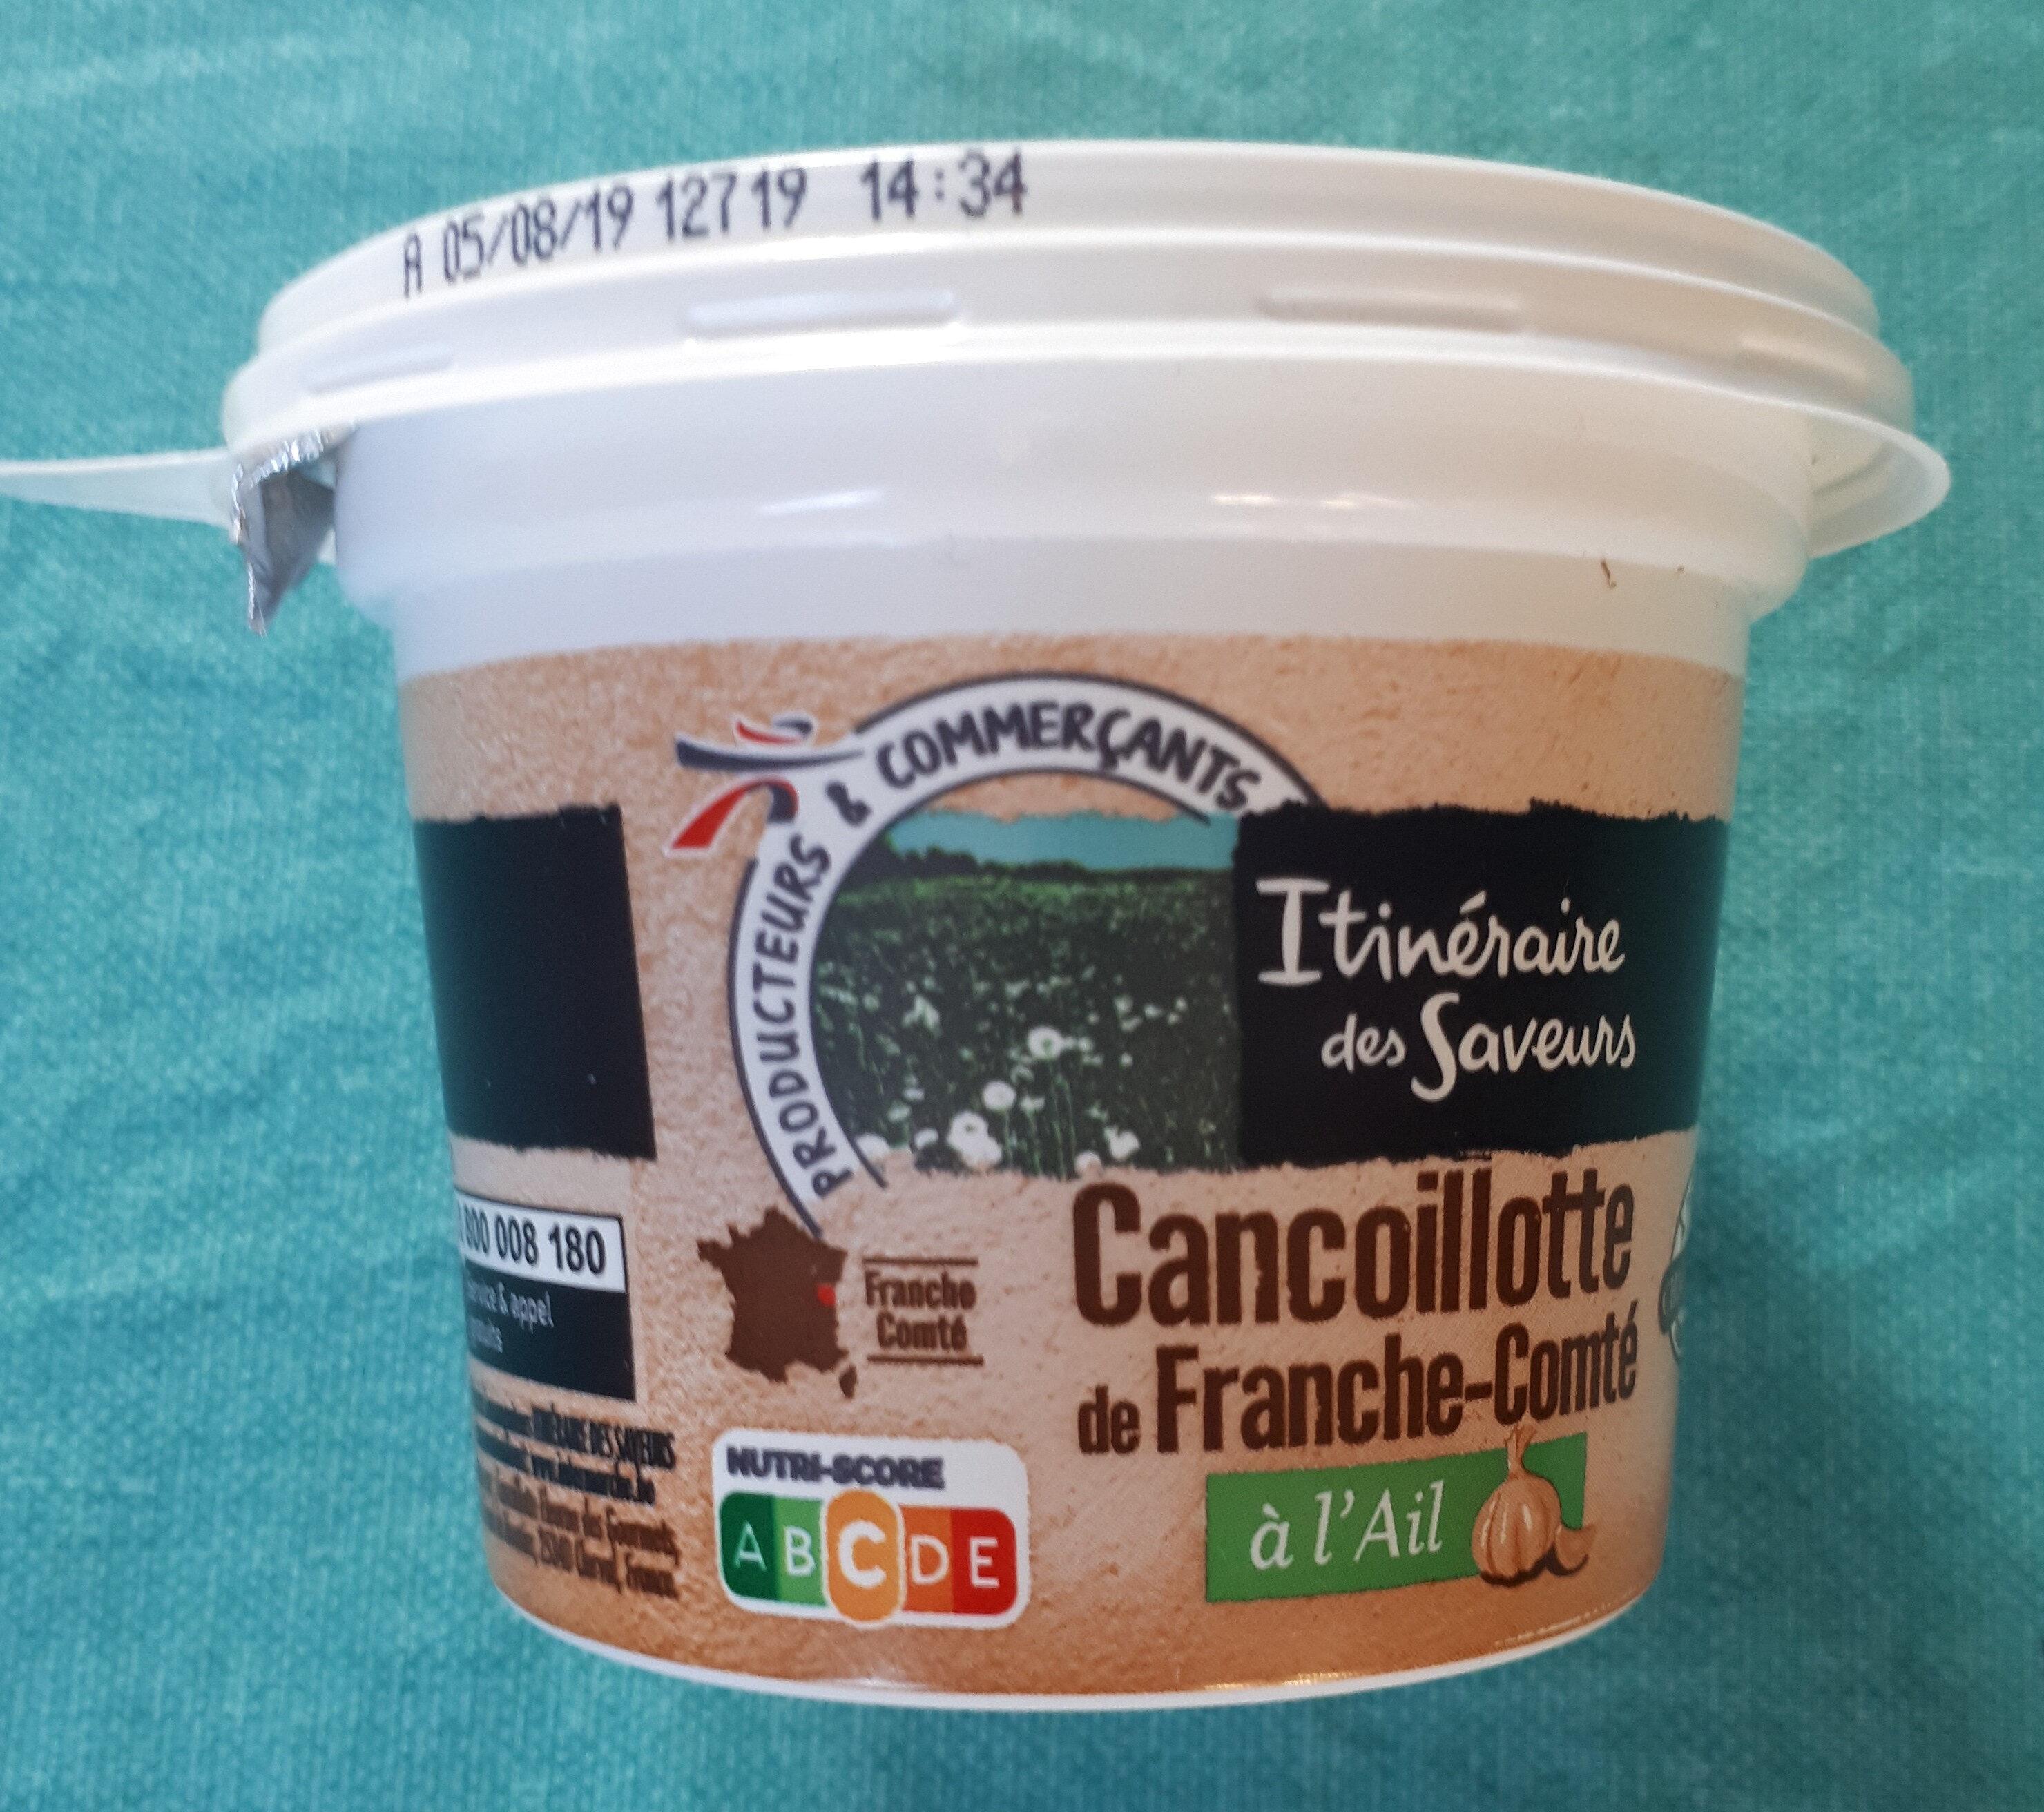 Cancoillotte de Franche Comte a l'ail, le pot de - Product - fr